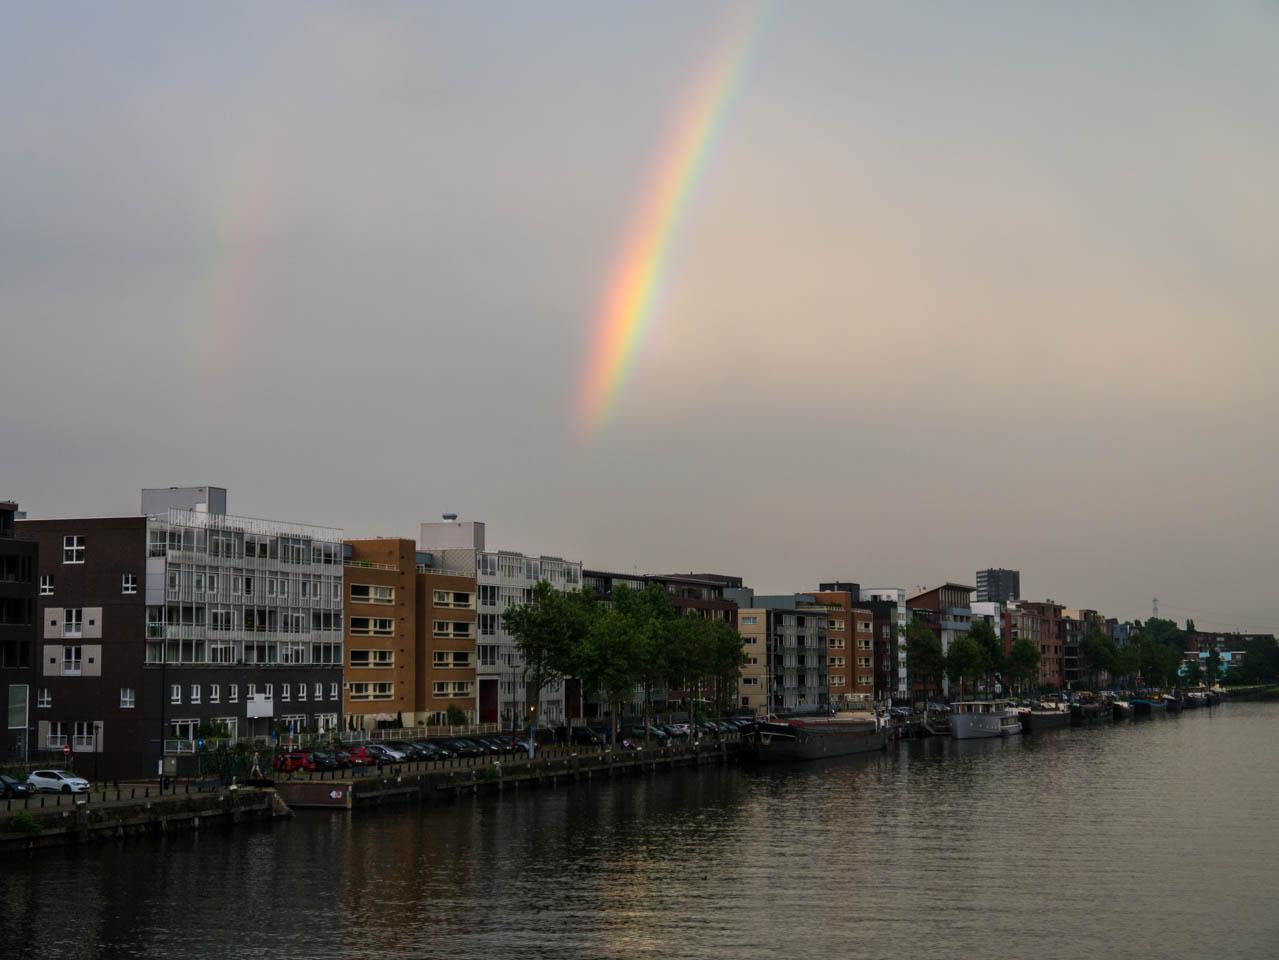 regenbogen-ueber-amsterdam-noord-1-von-1